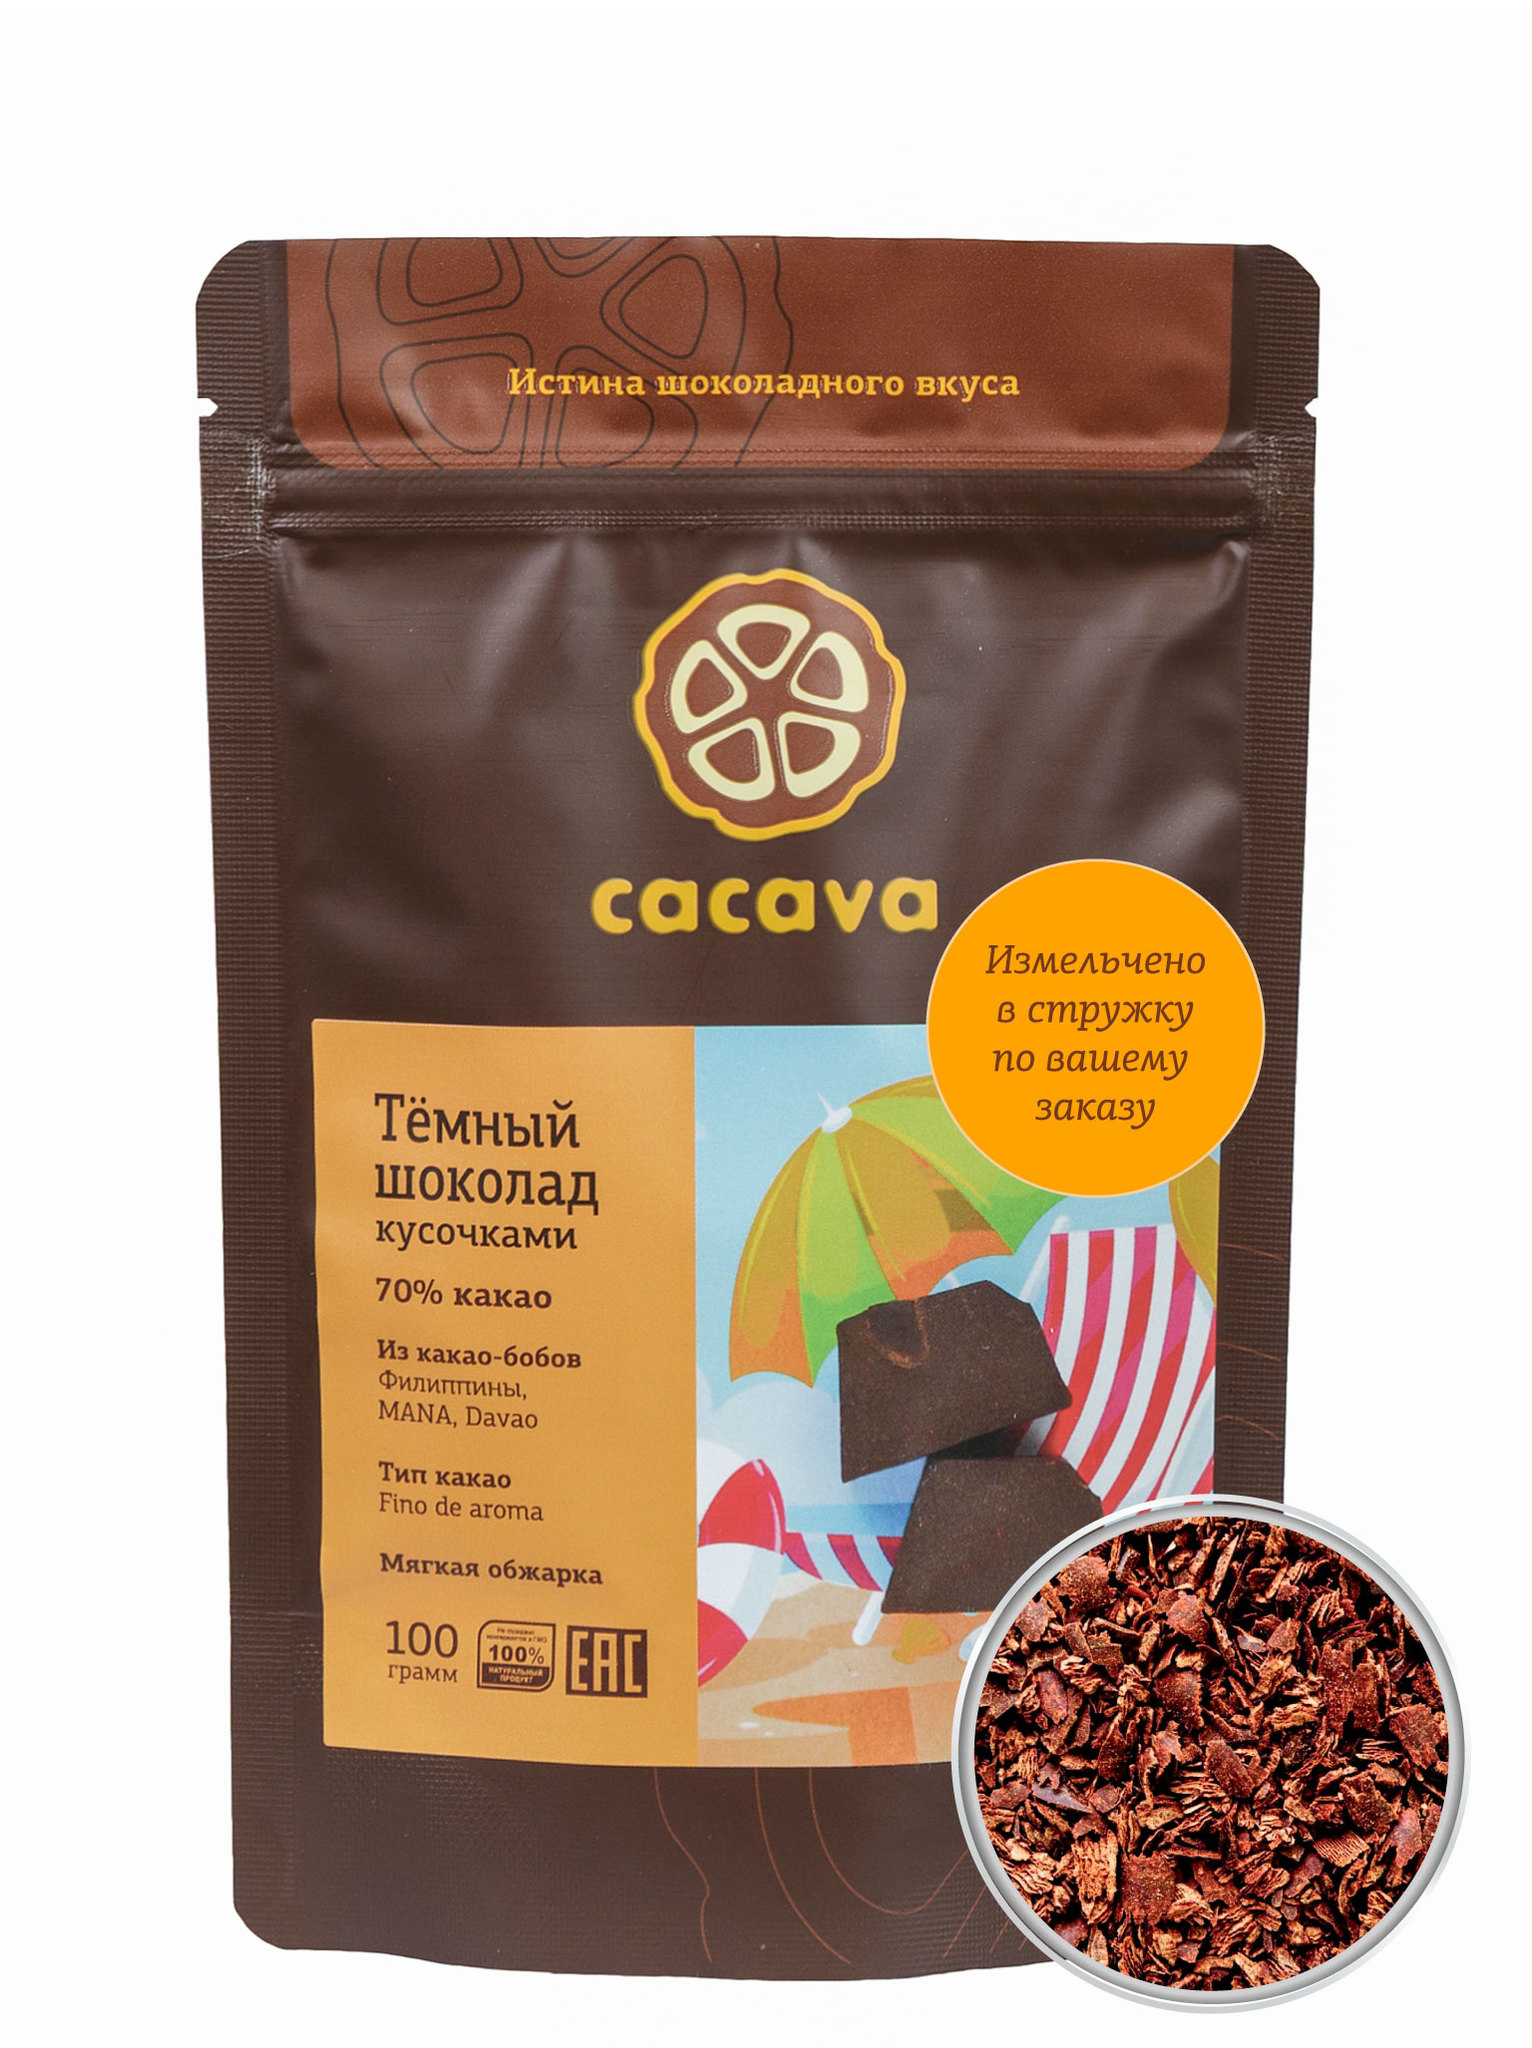 Тёмный шоколад 70 % какао в стружке (Филиппины, MANA), упаковка 100 грамм